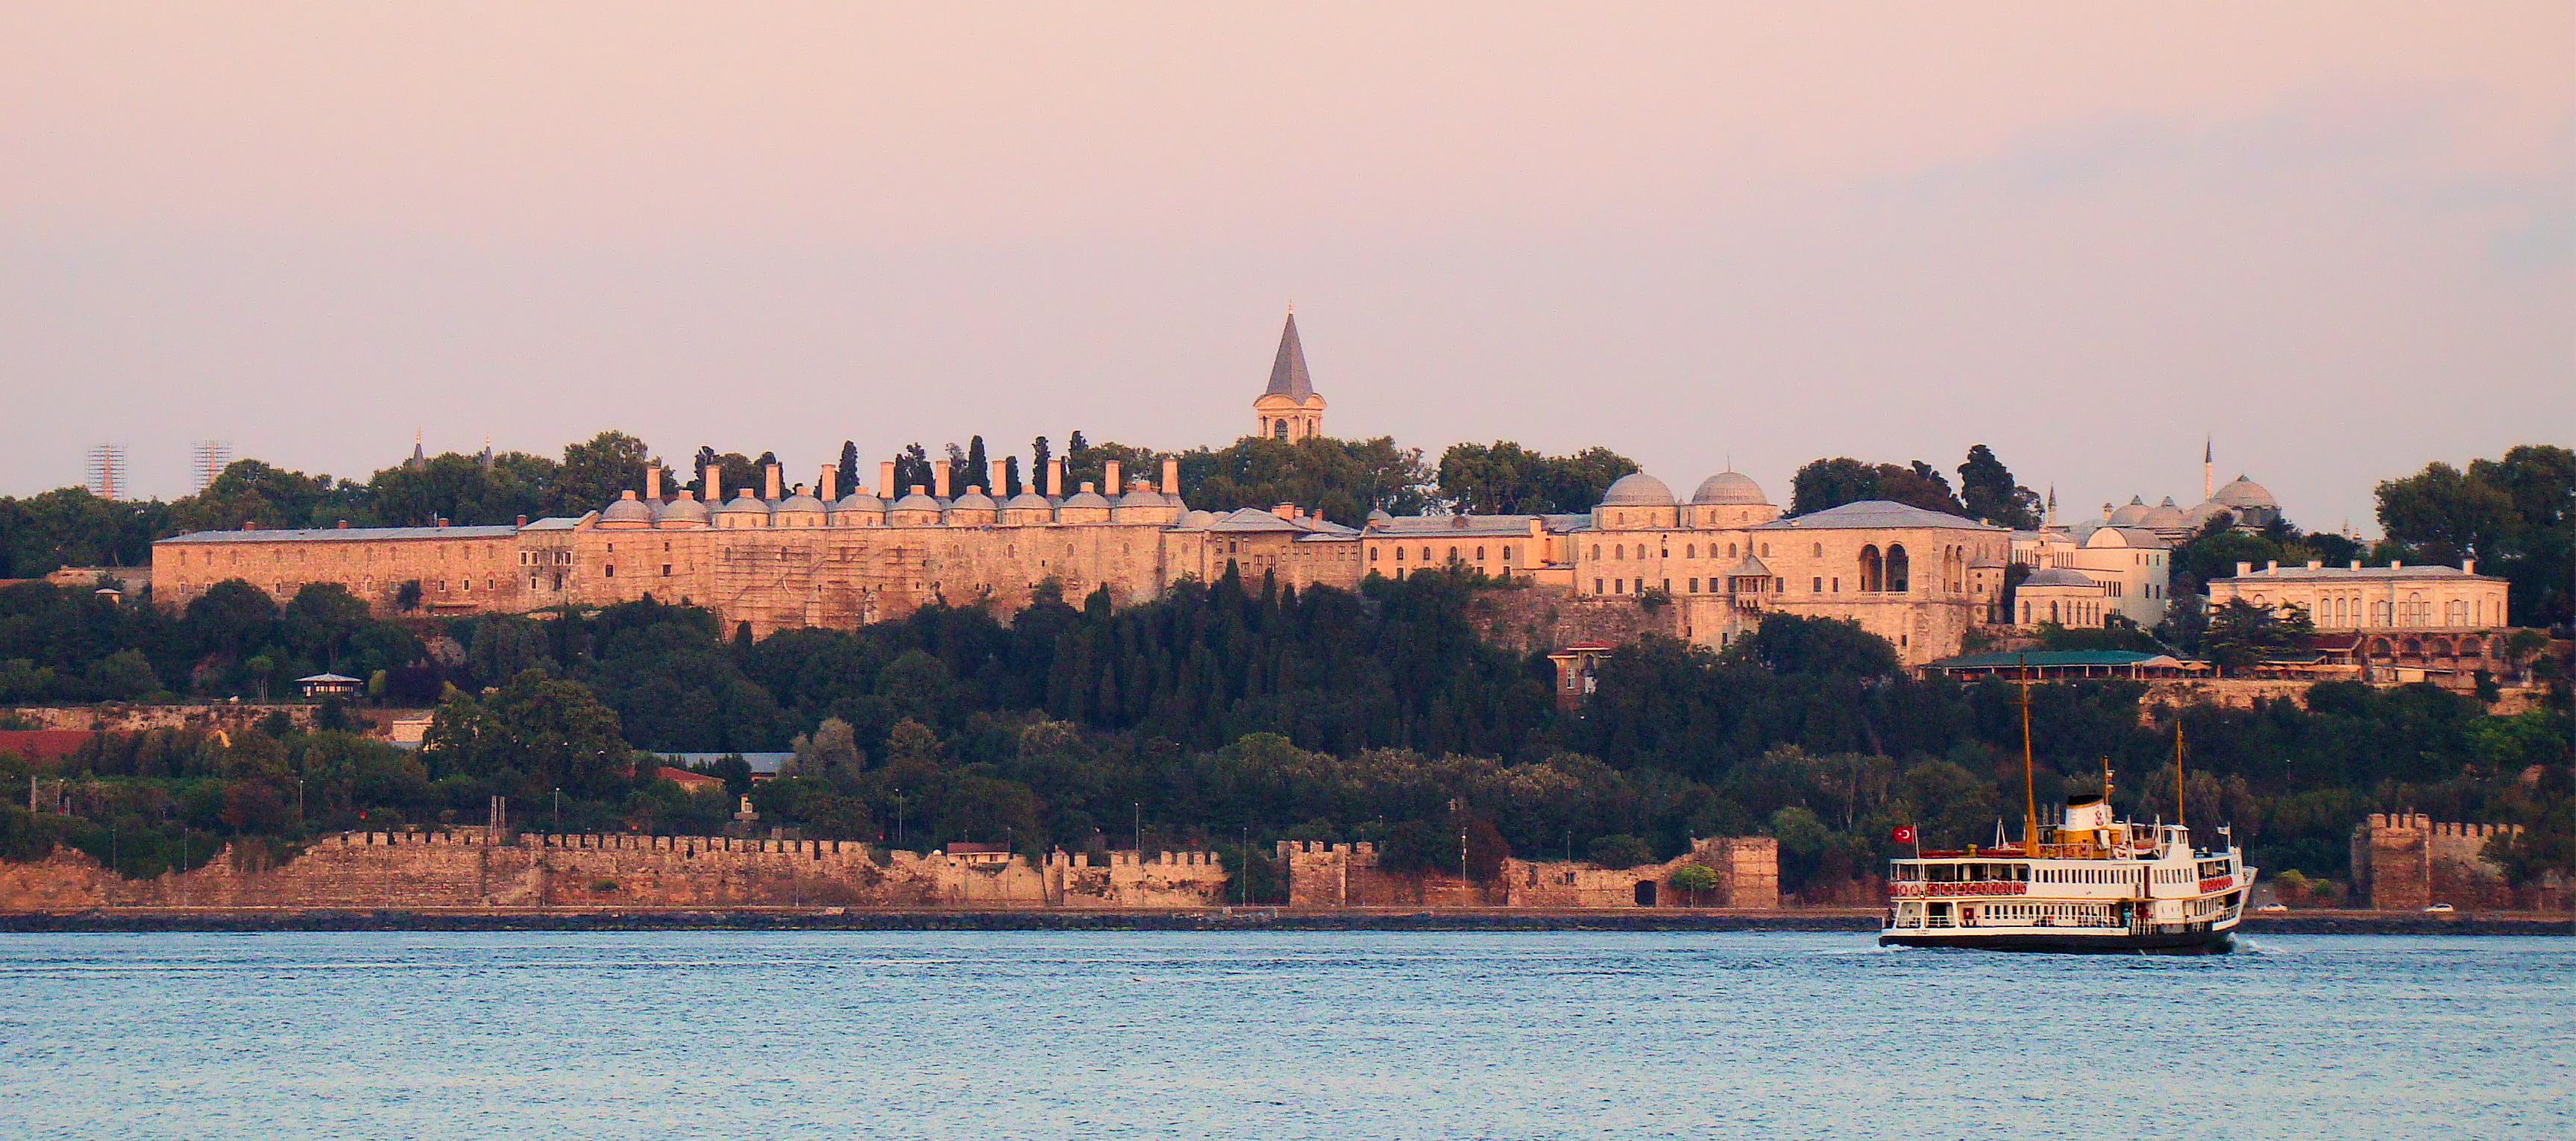 Palác Topkapi-úvodní